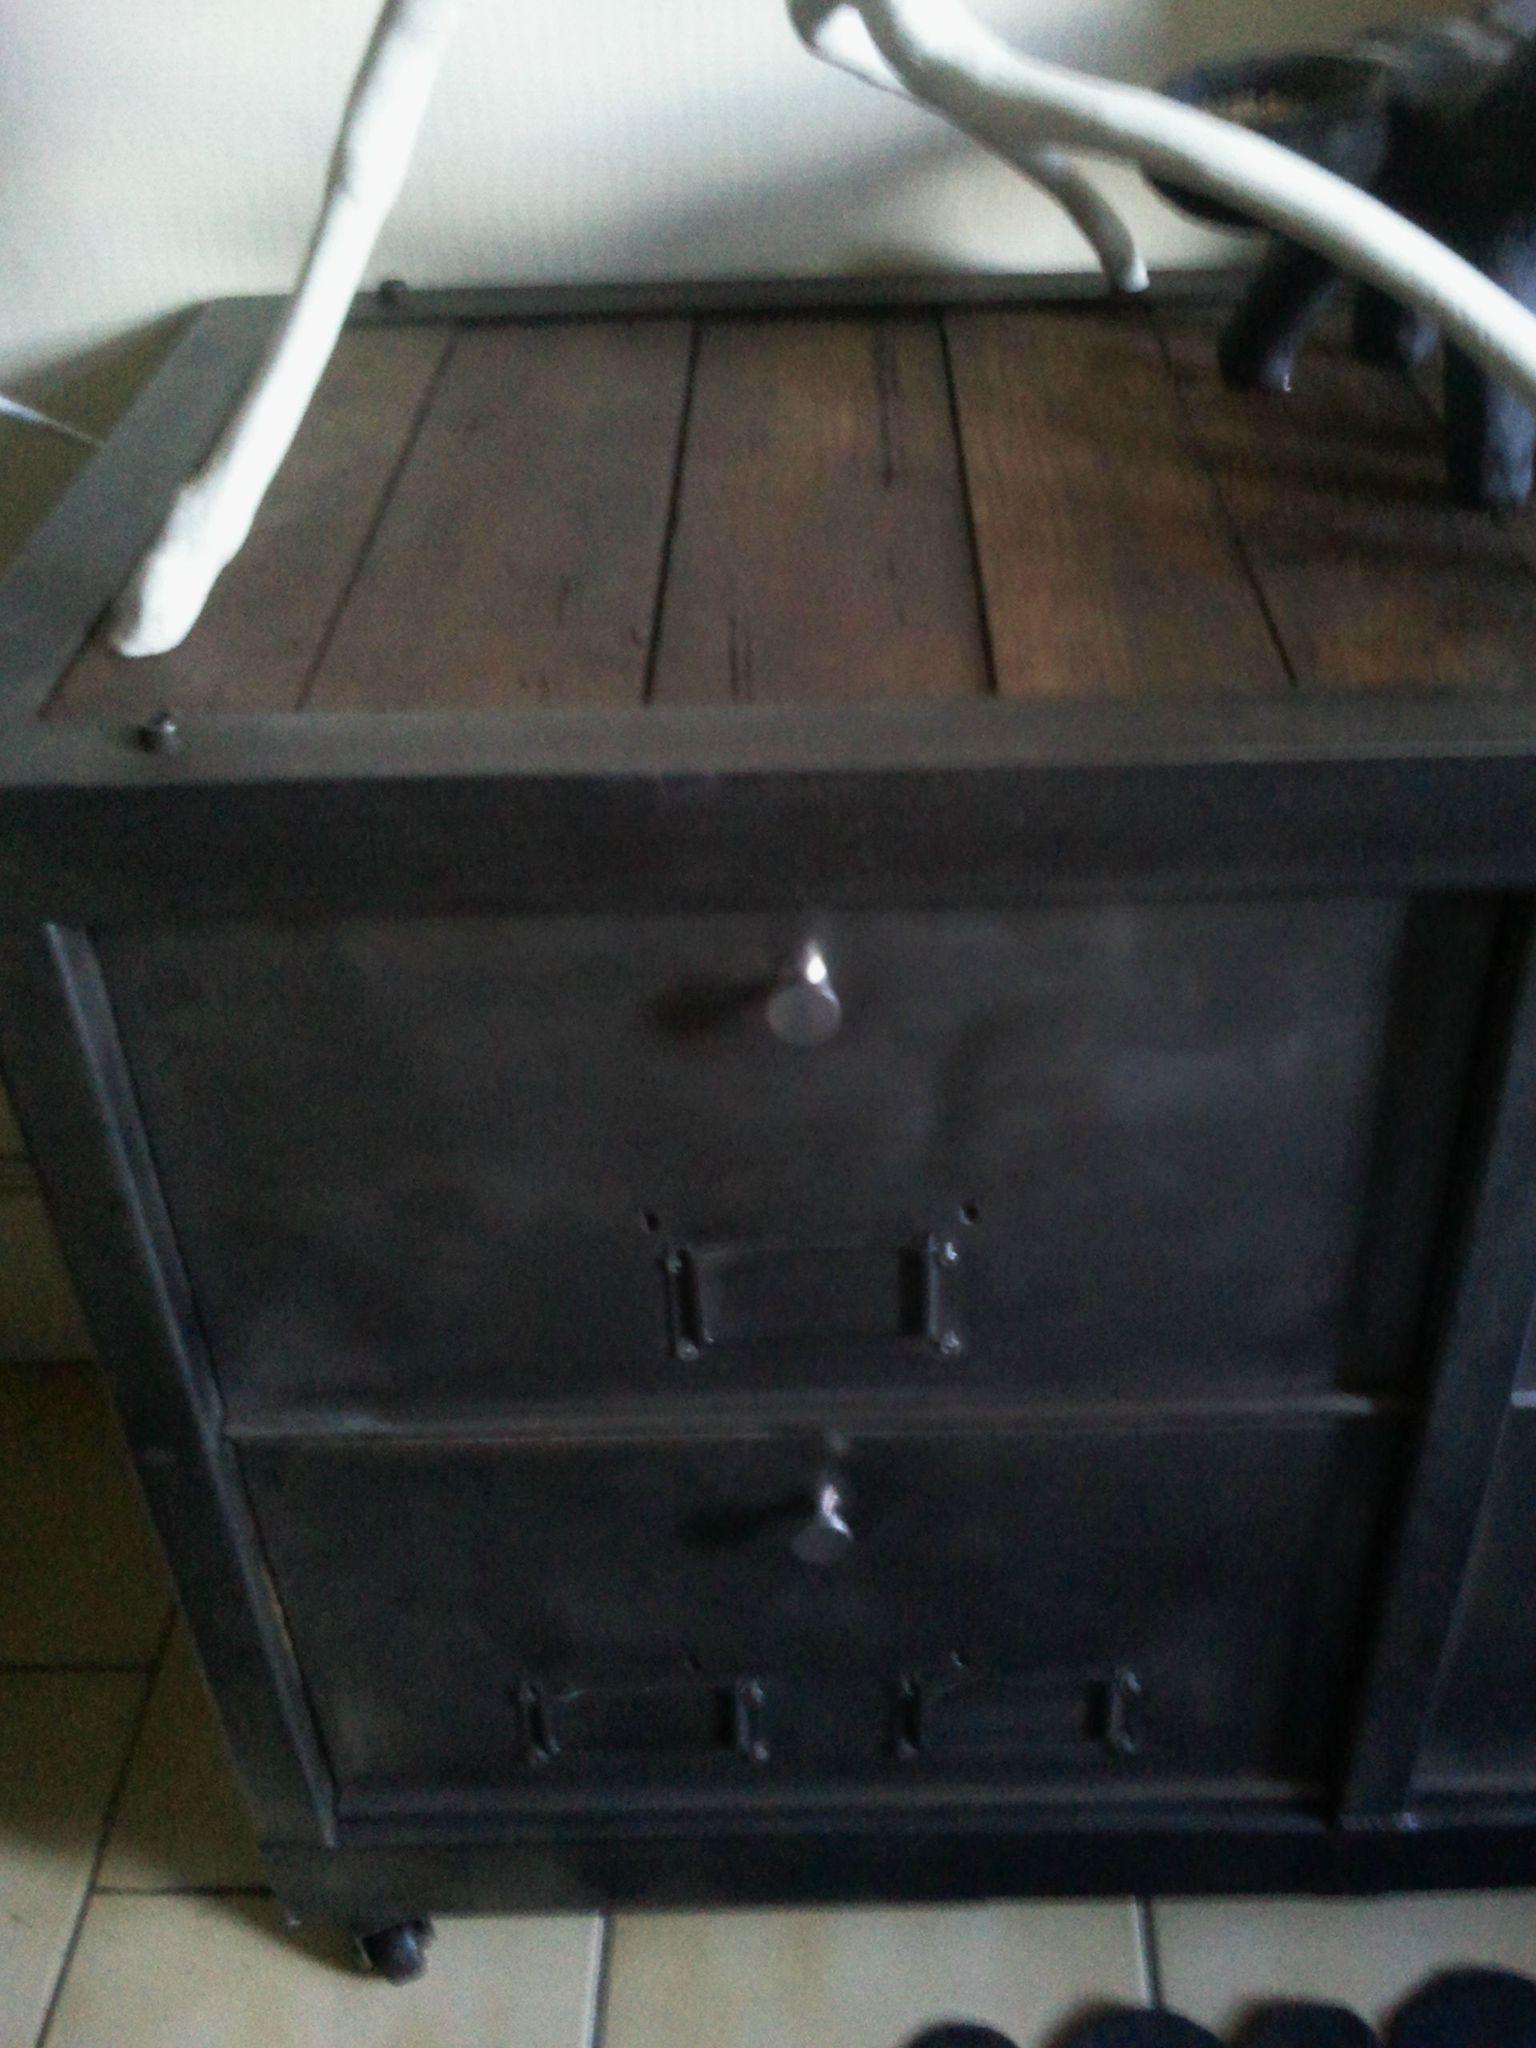 auTRe BeLLe aCQuiSiTioN*un meuble télé faite de mobilier ancien industriel..j'adoooore...*